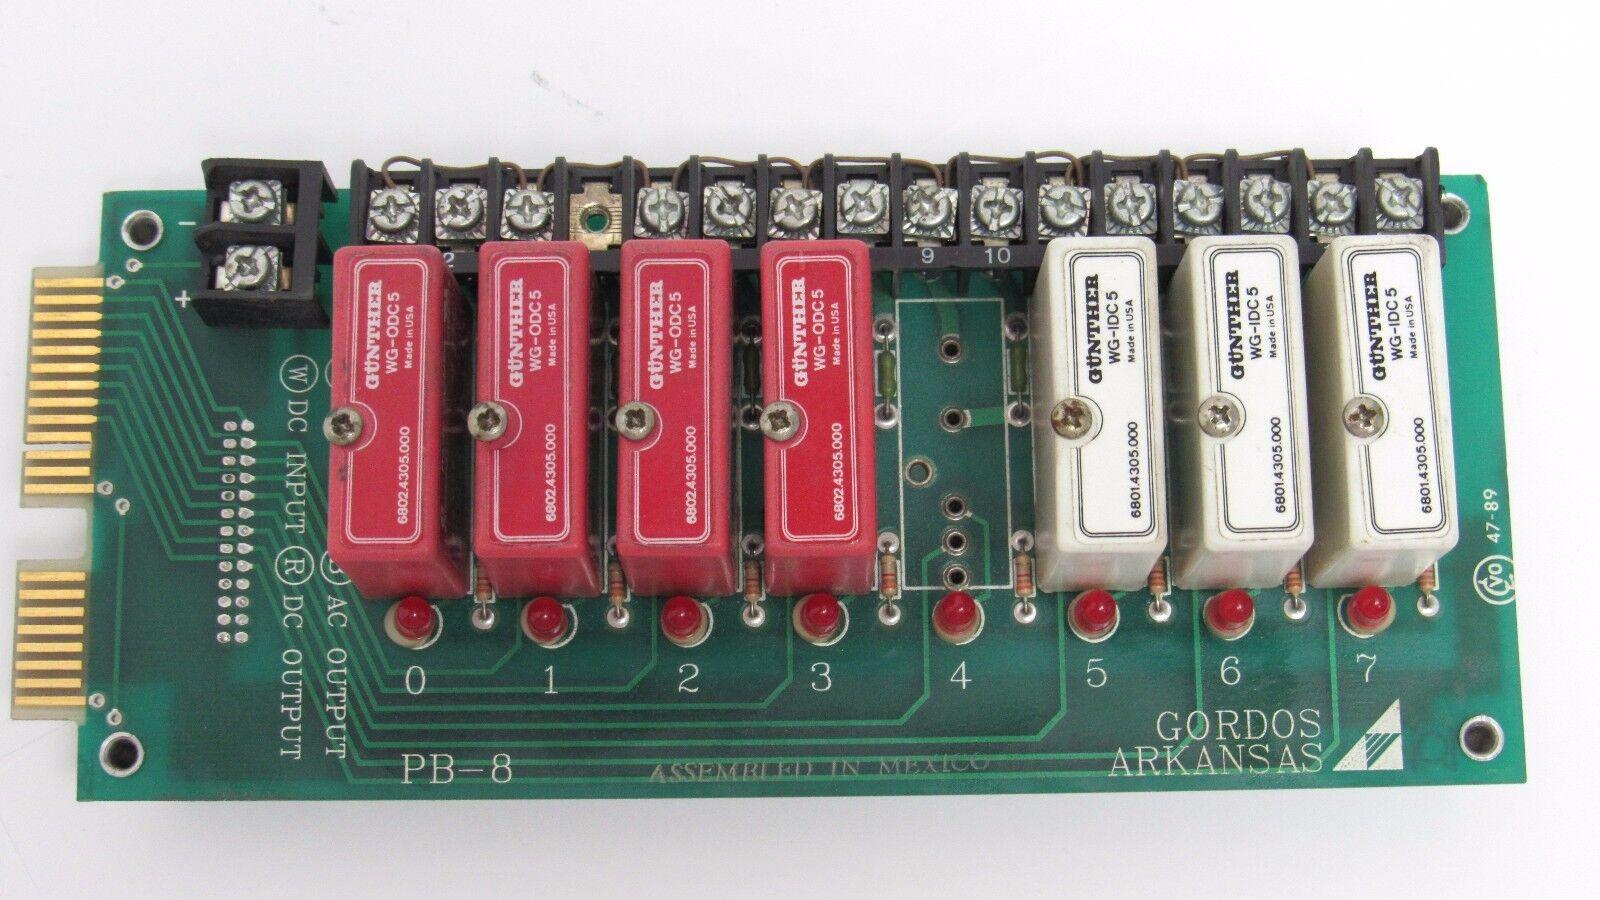 GORDOS PB-8 DIGITAL I O BOARD W 3-GUNTHER WG-IDEC5 & 4-GUNTHER WG-ODC5 RELAYS